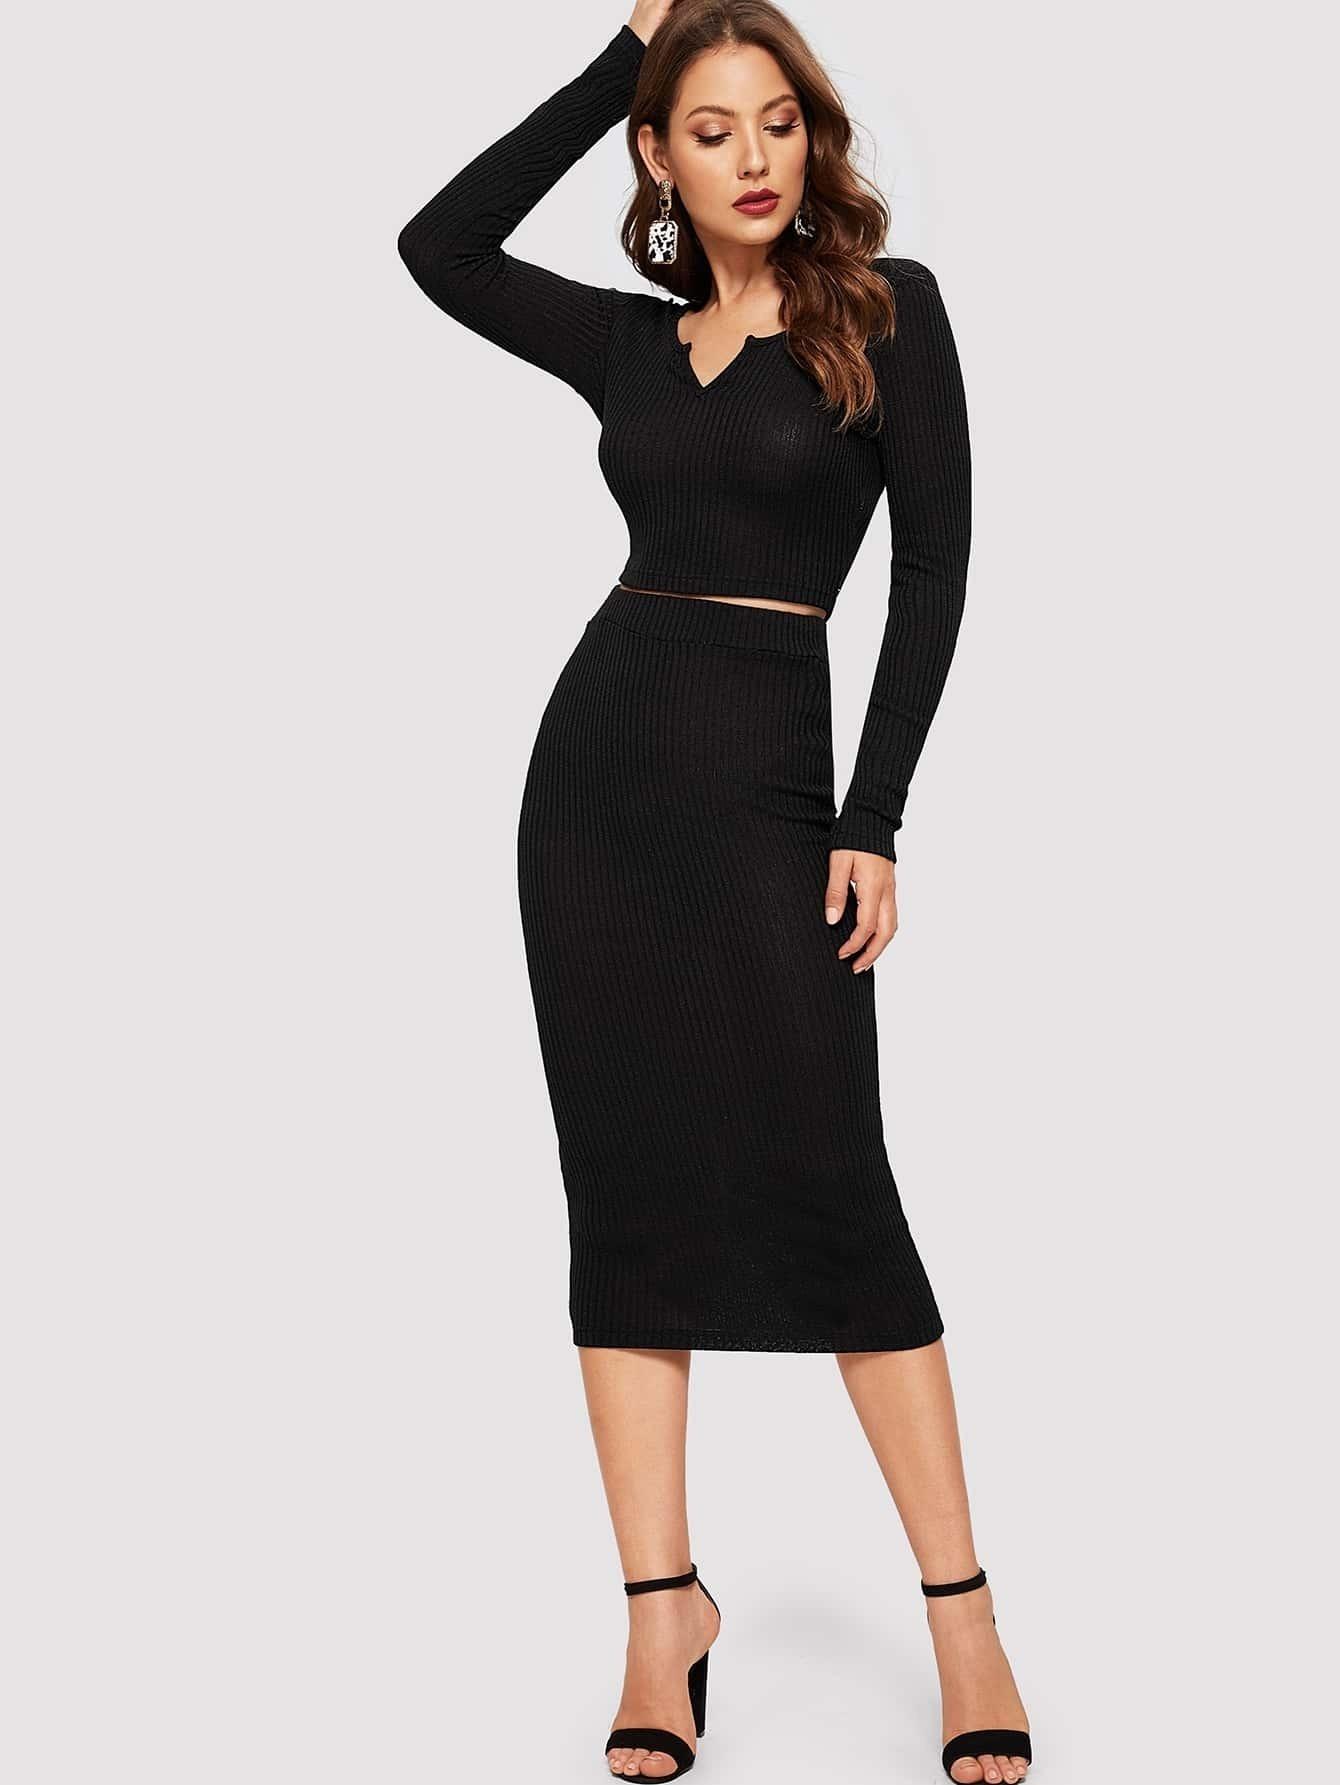 Купить Вязаный короткий топ с v-образным вырезом и юбка комплект, Debi Cruz, SheIn